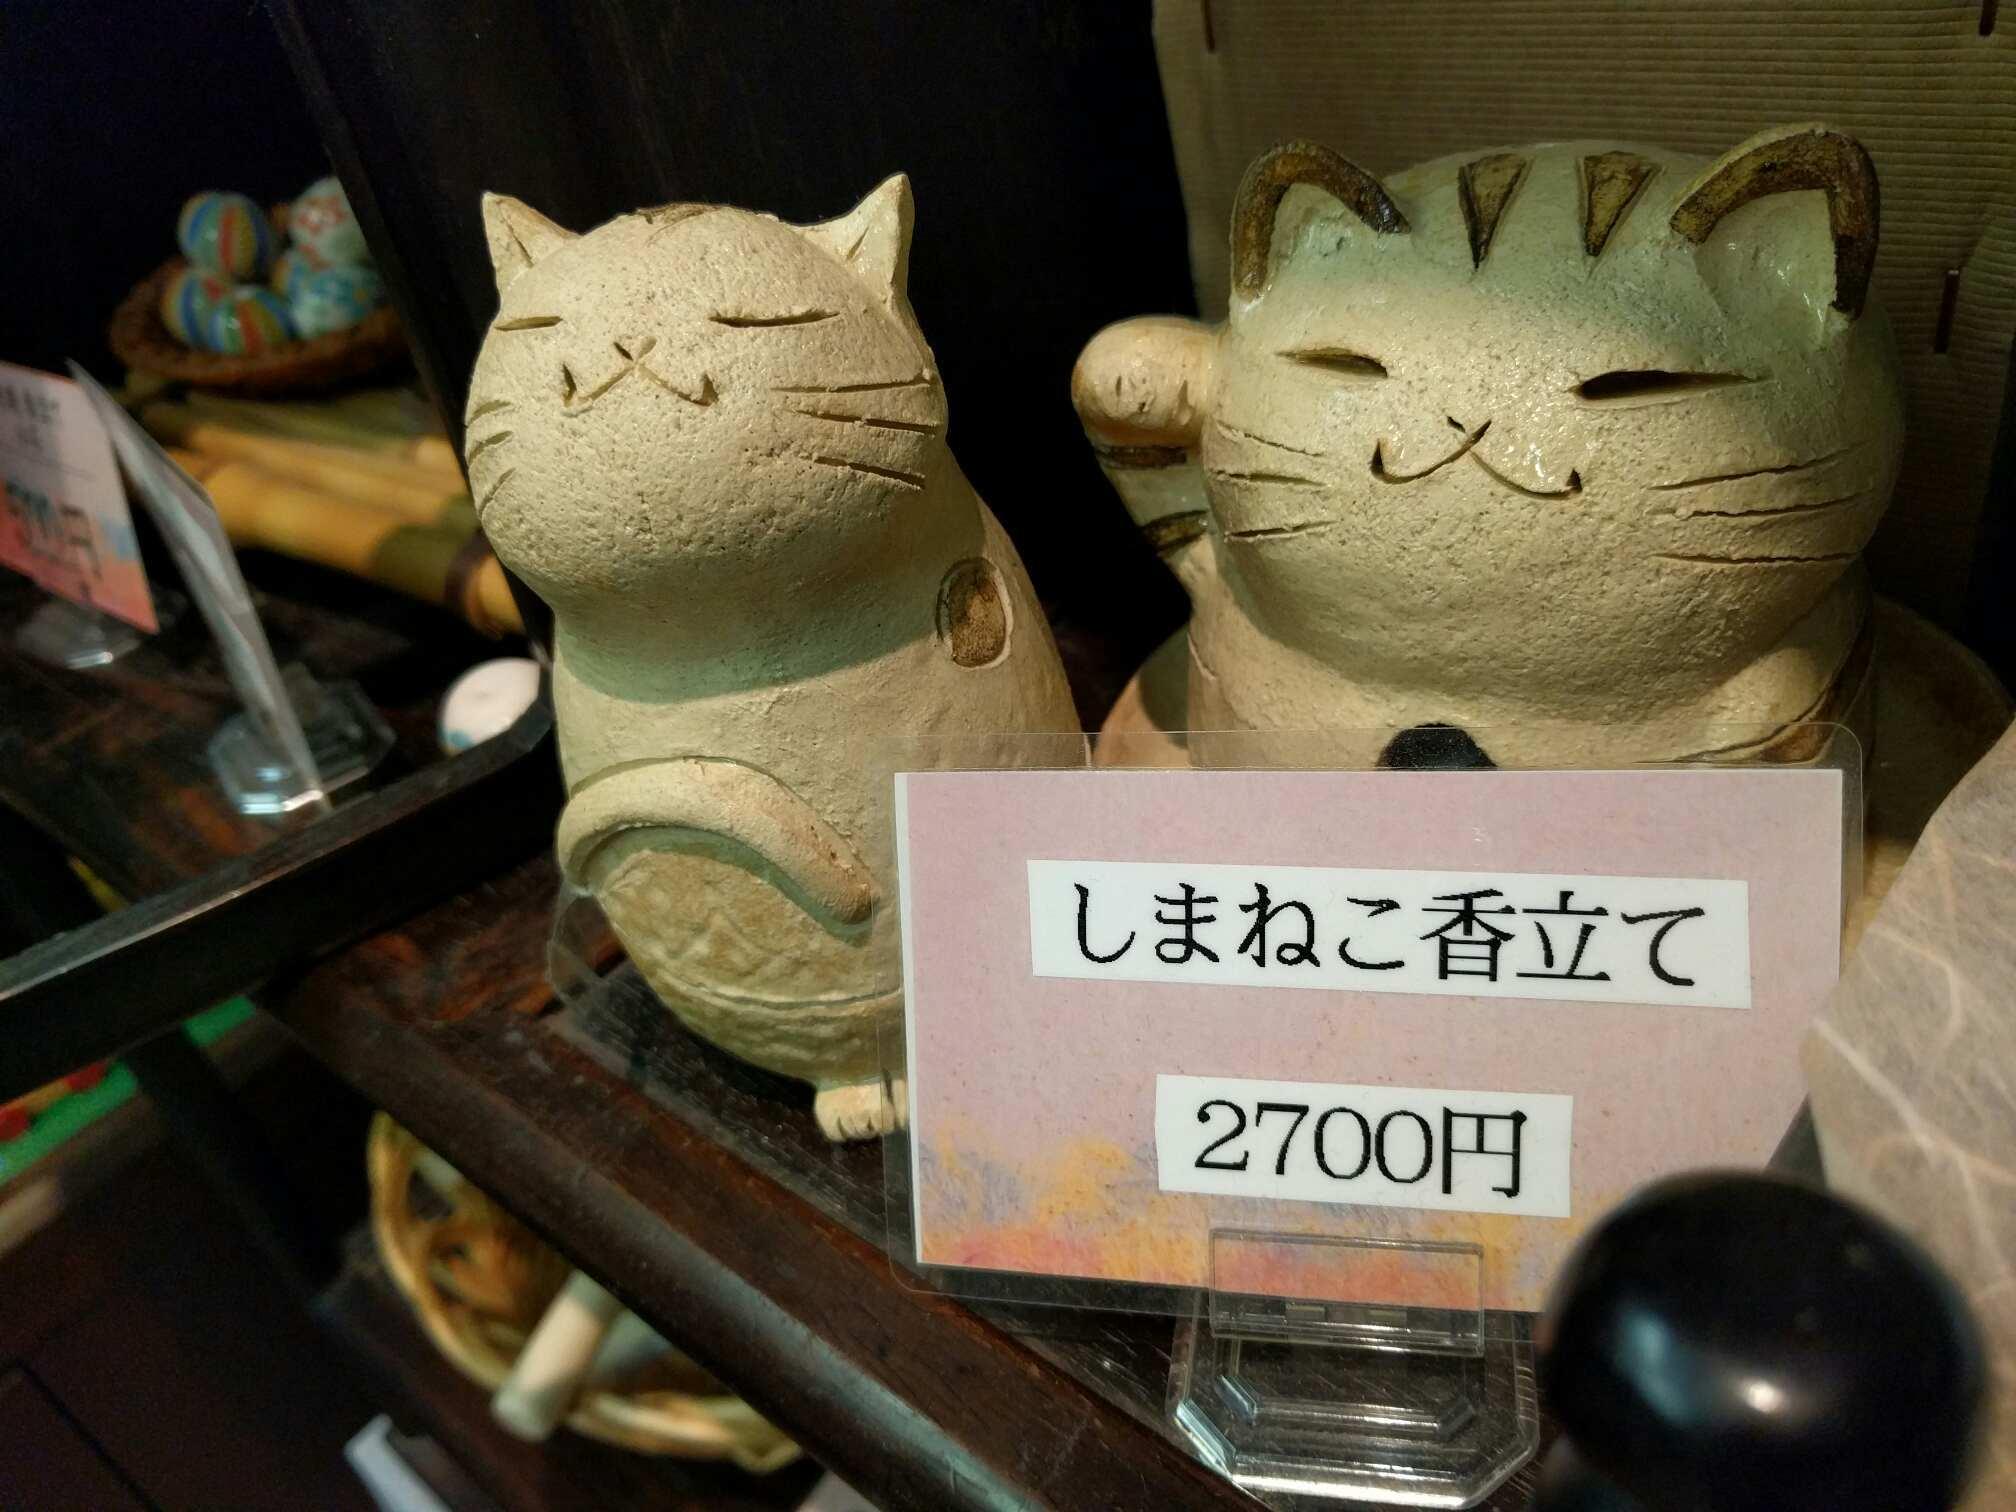 http://img.rakudaclub.com/blog/80280/Y80280_6017.jpg